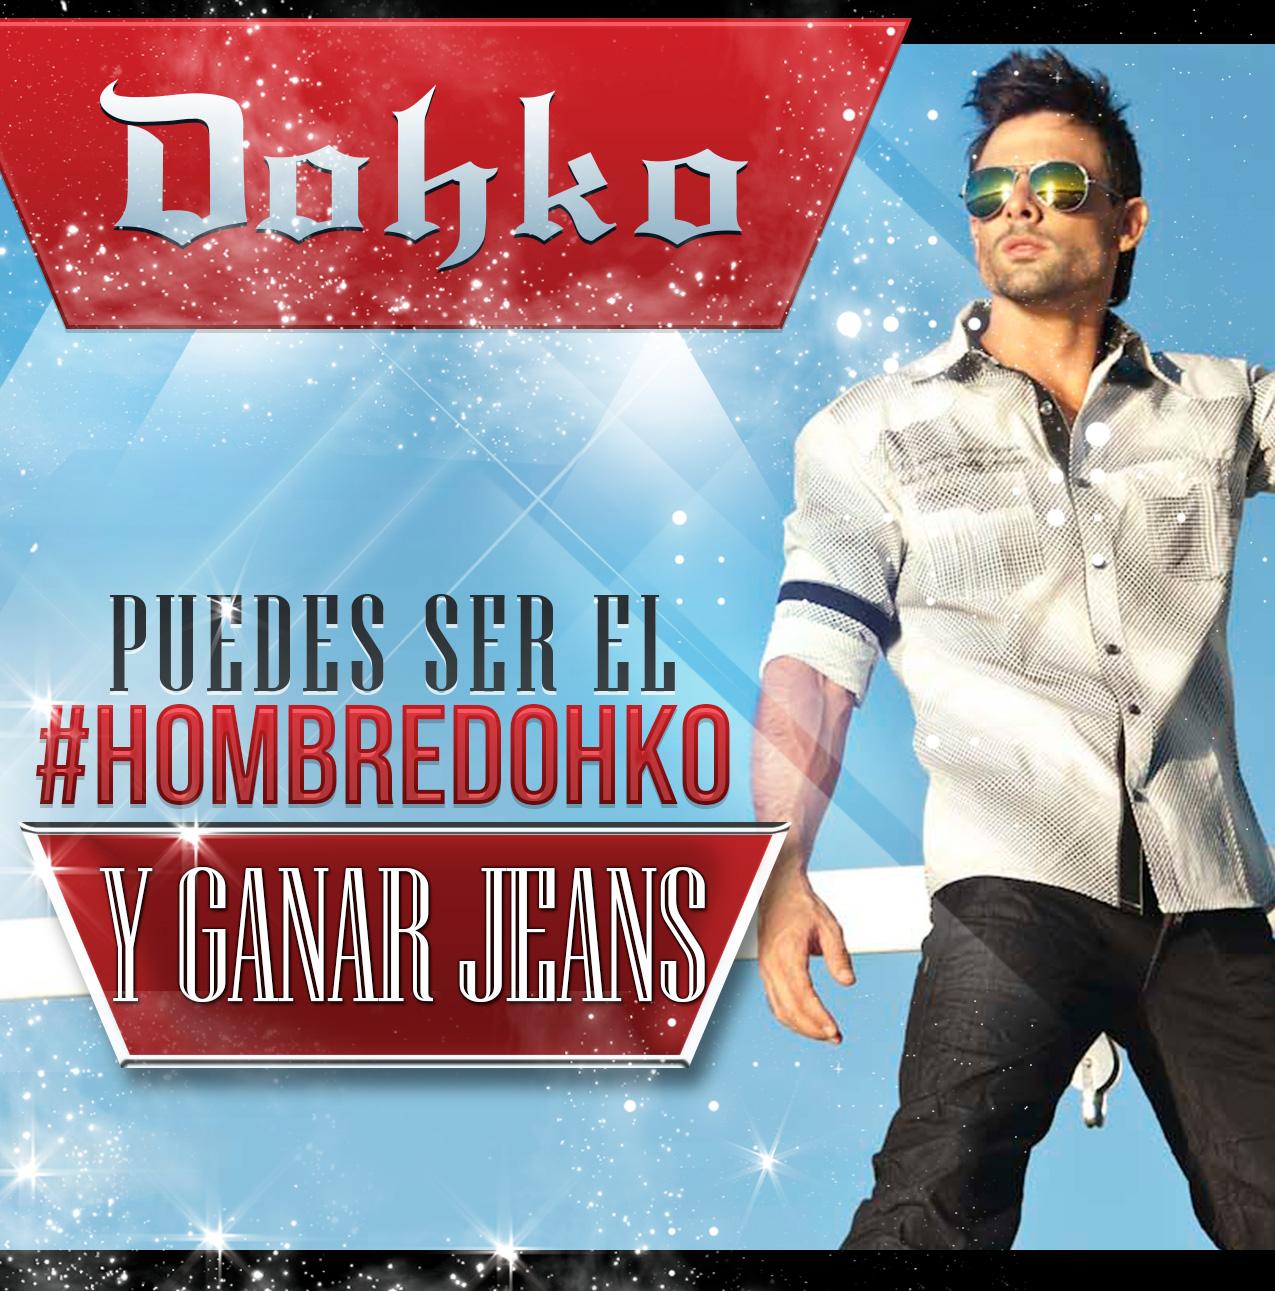 dohko-jeans-hombre-concurso-facebook2